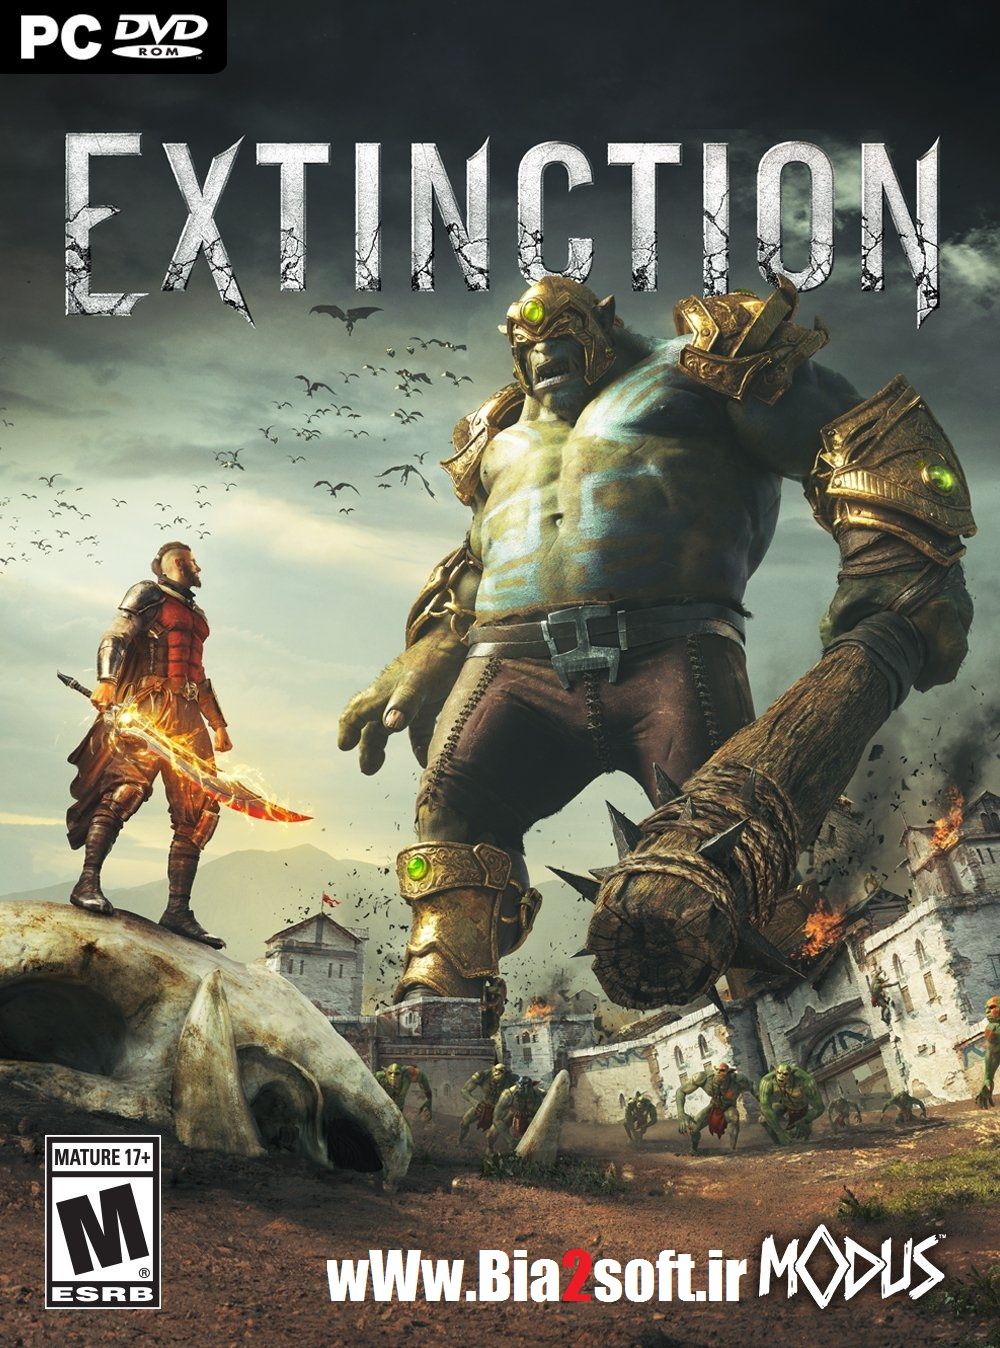 دانلود بازی Extinction برای کامپیوتر به همراه کرک SKIDROW